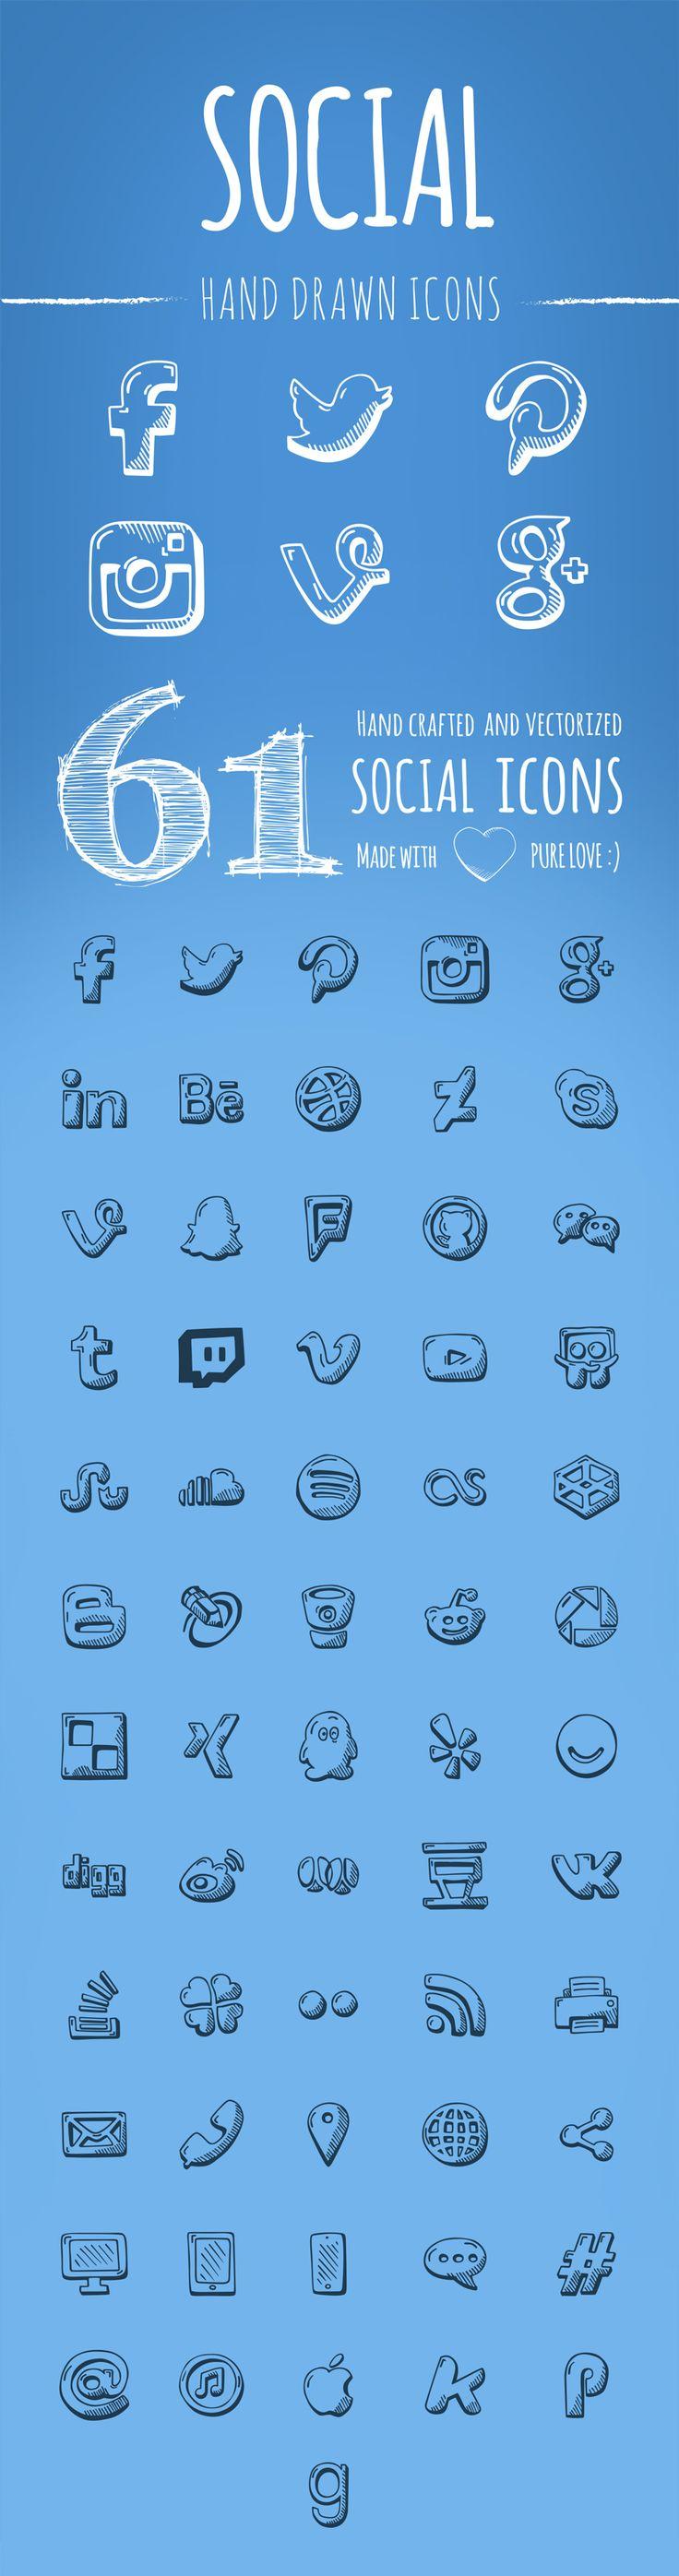 free-handdrawn-social-icons